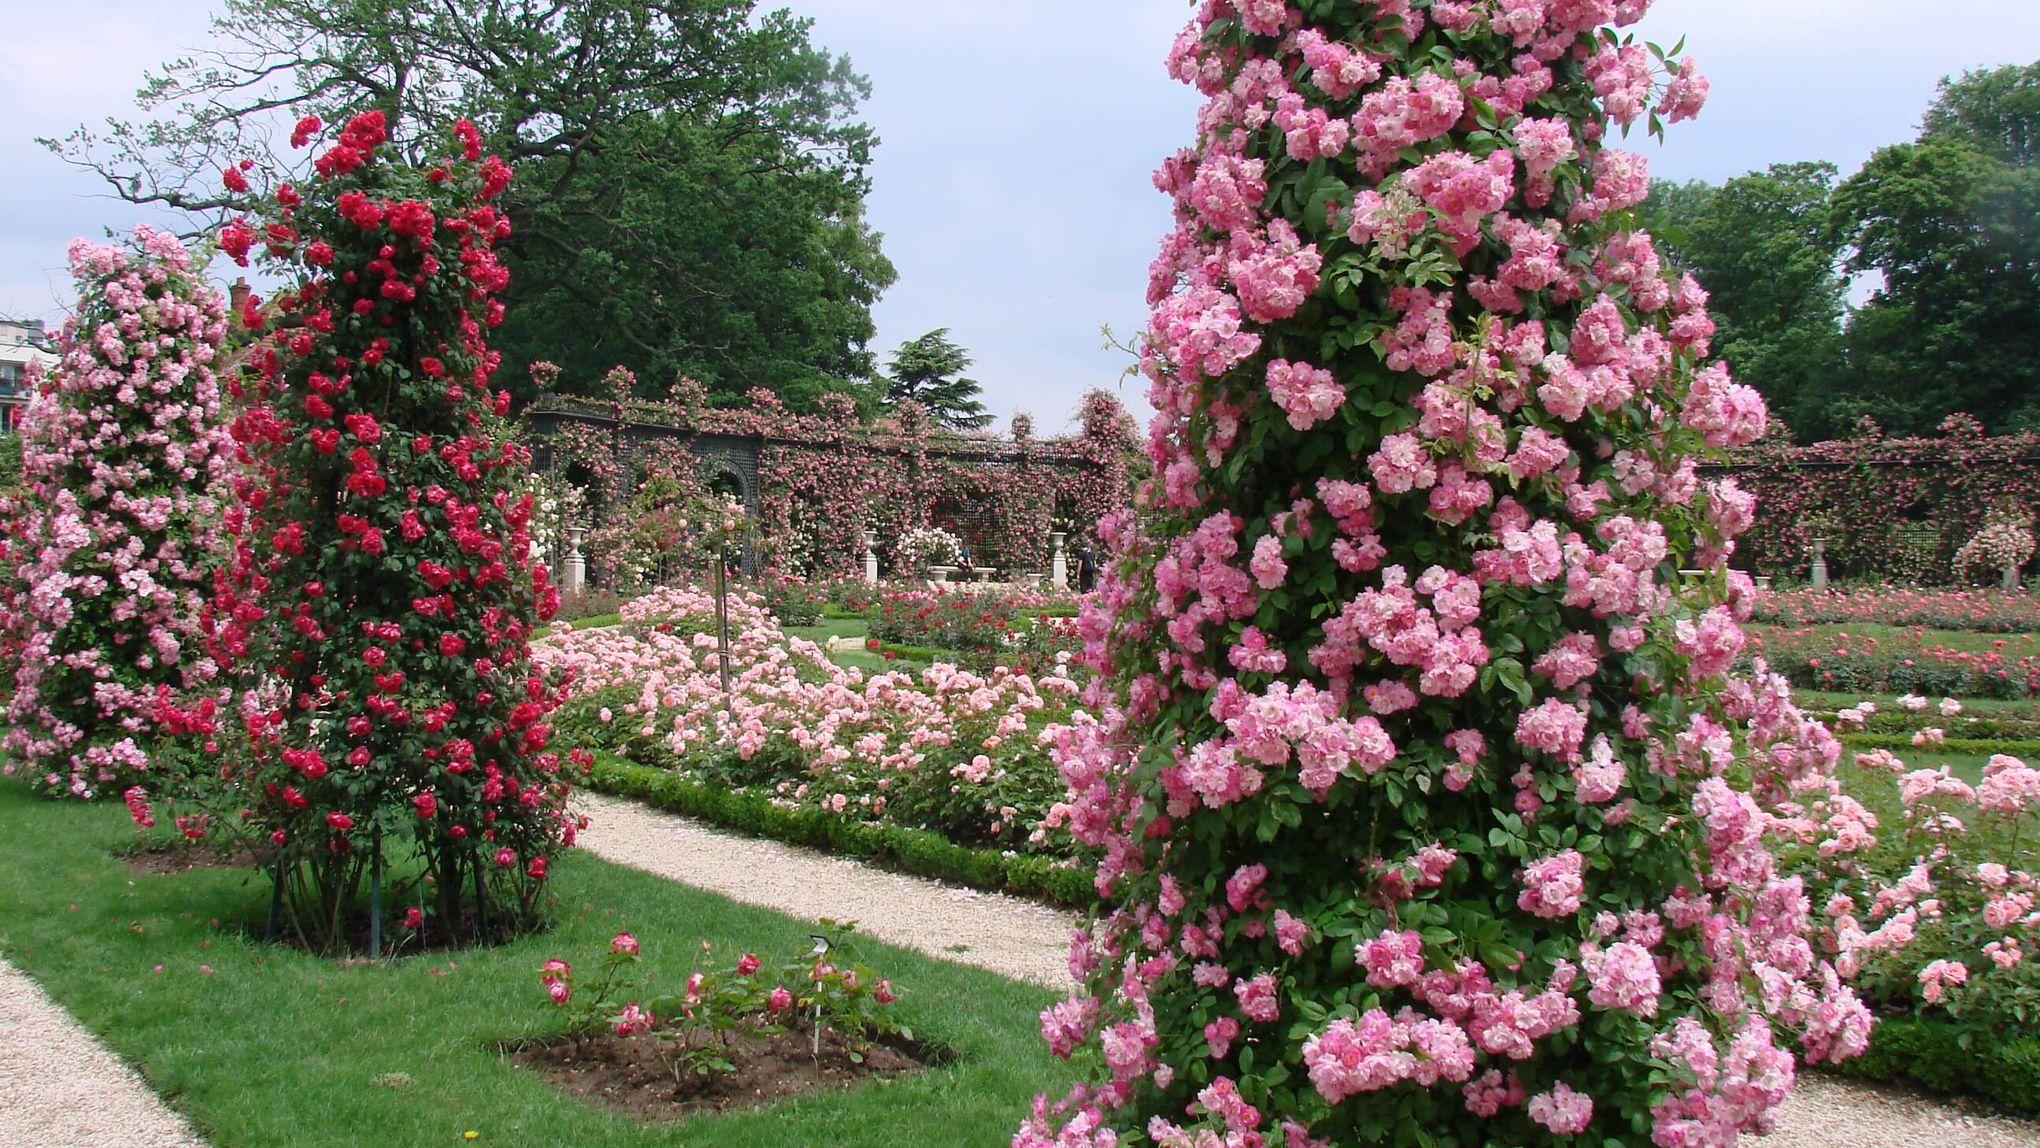 La d couverte des plus belles roseraies d 39 europe for Jardin de france magnanville 78